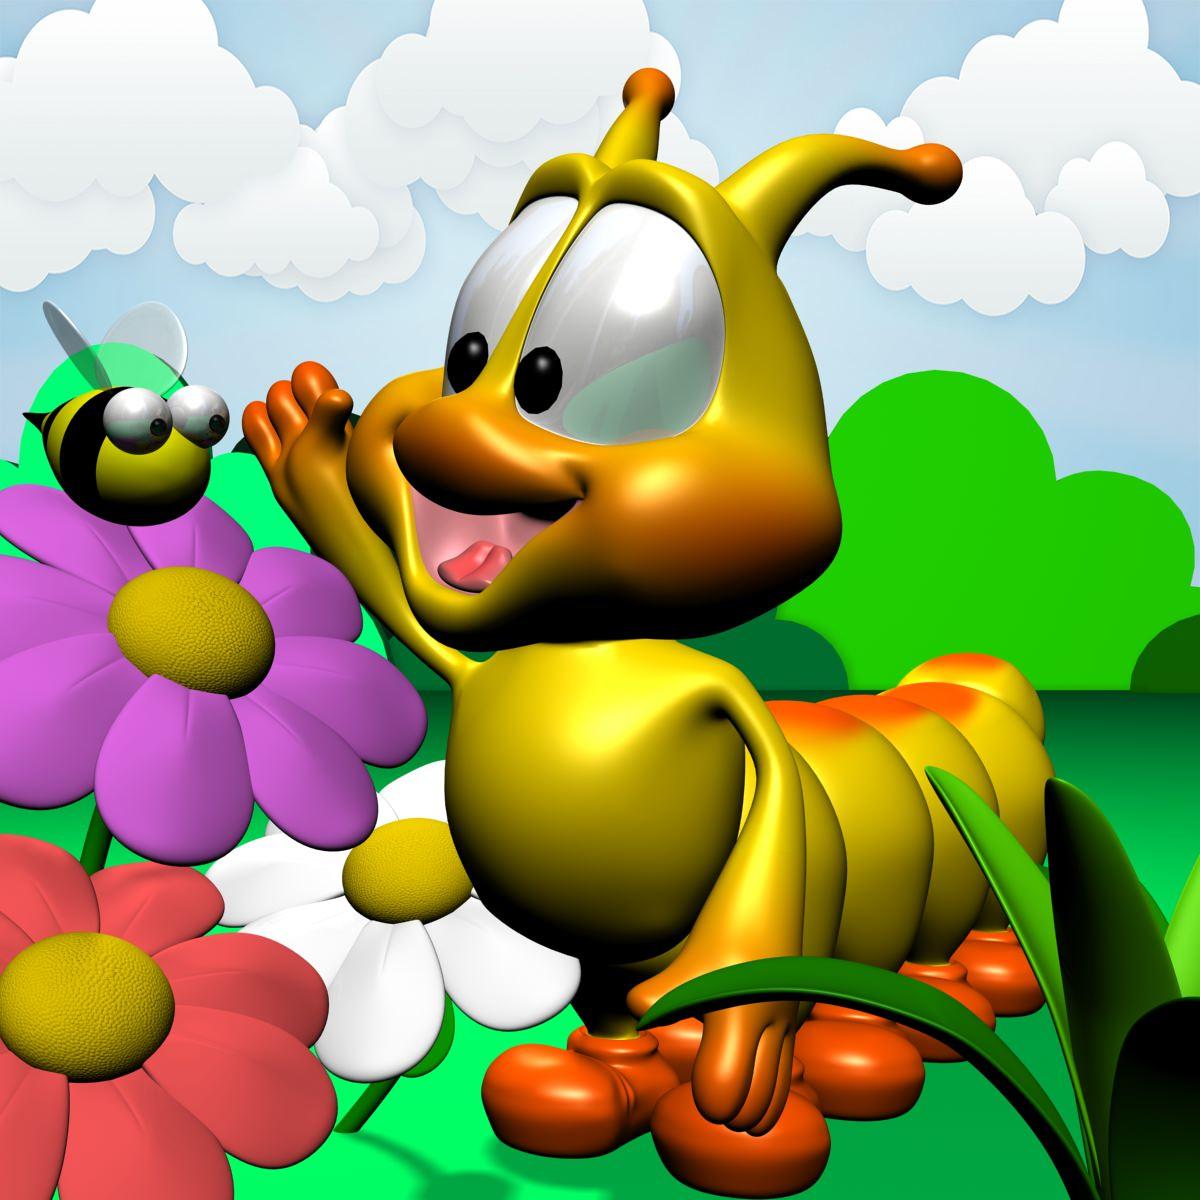 Cartoon Caterpillar Rigged